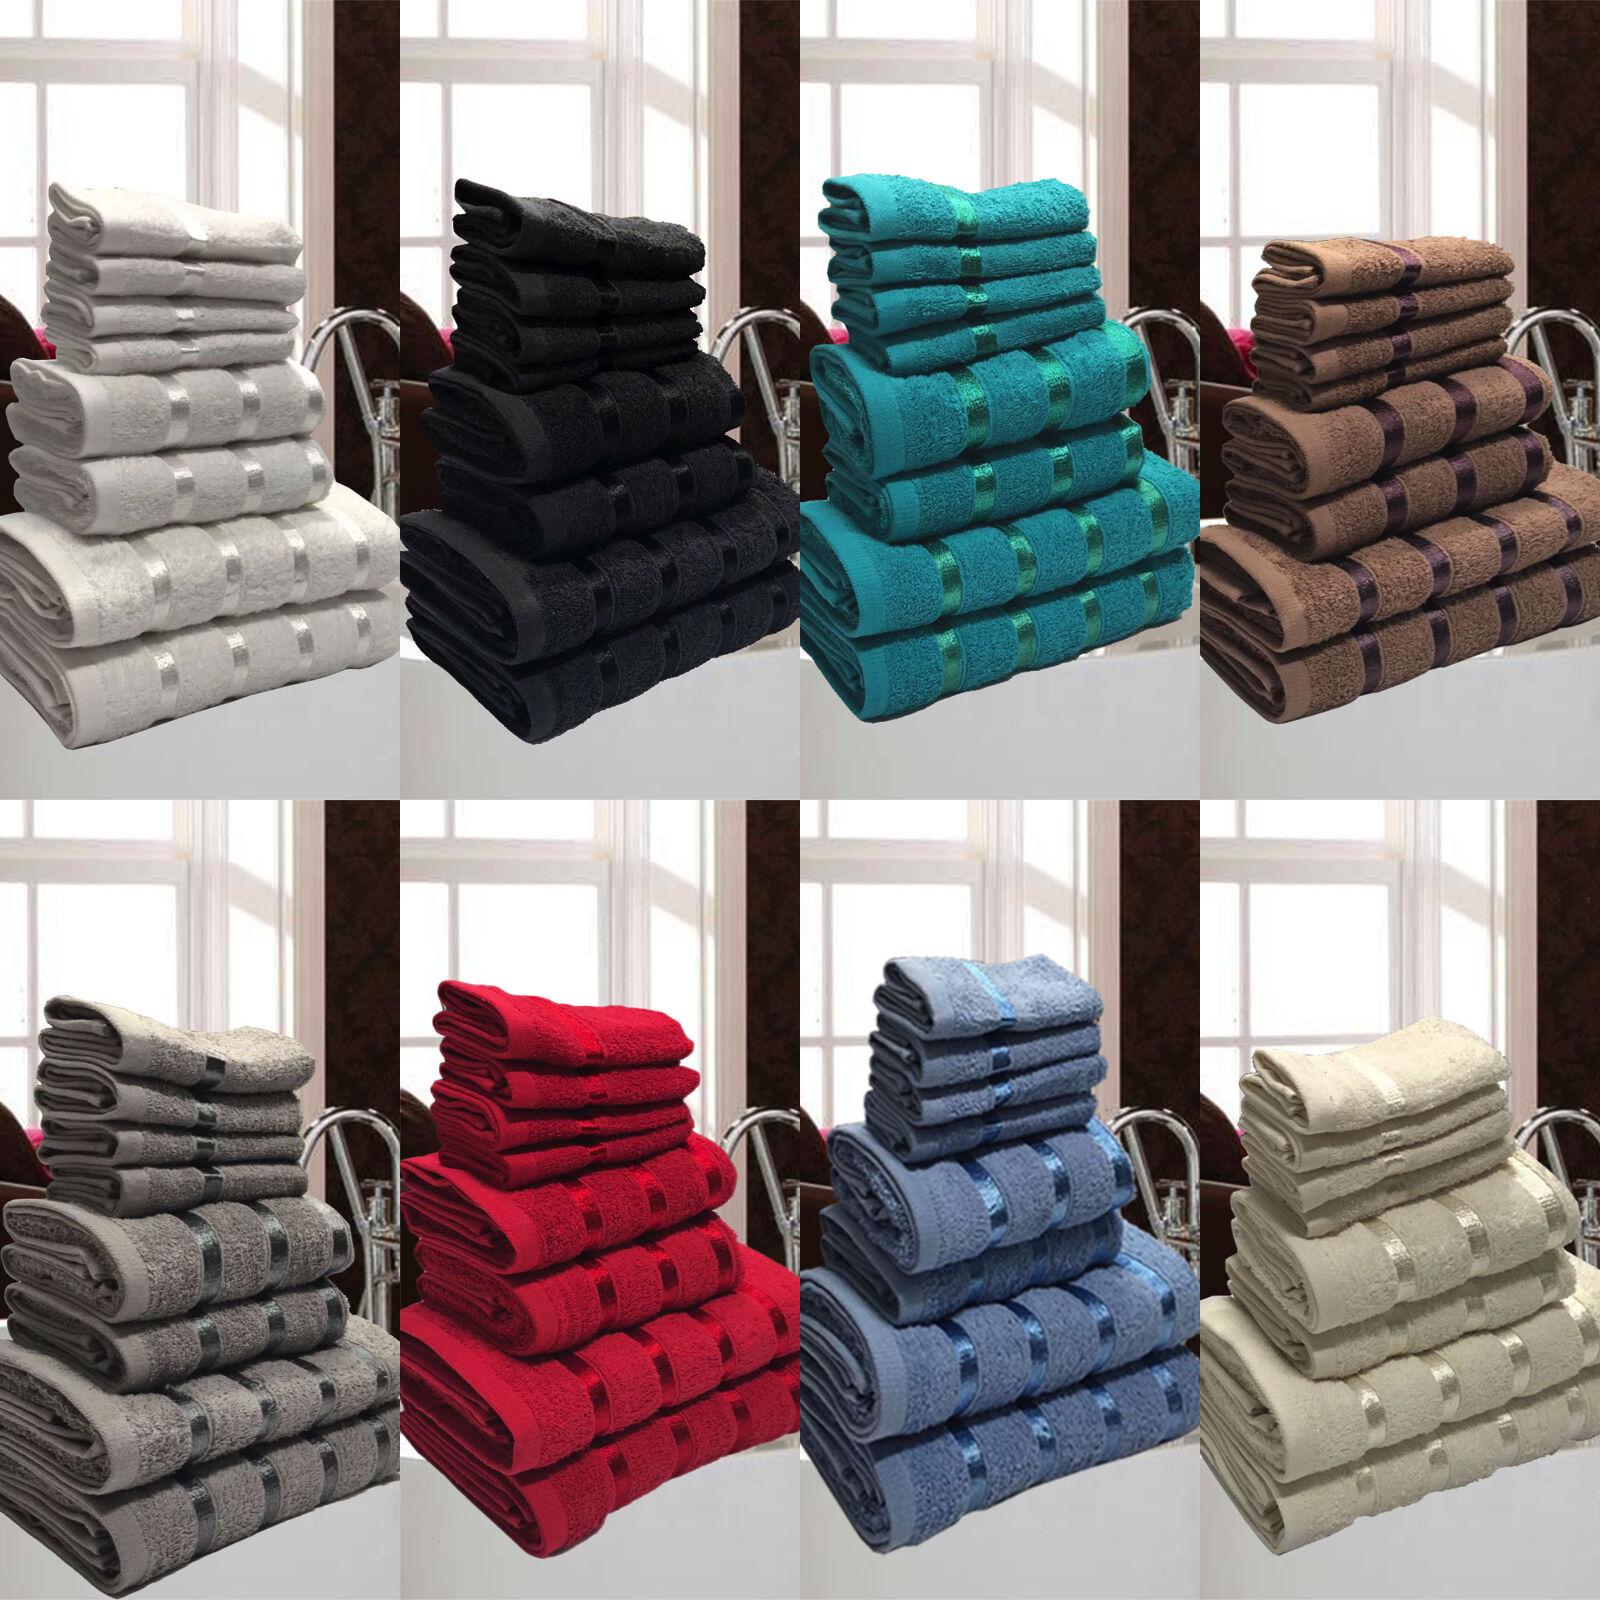 Set 8 Asciugamani da Bagno Spugna Cotone Egiziano Idea Regalo Telo Viso Doccia